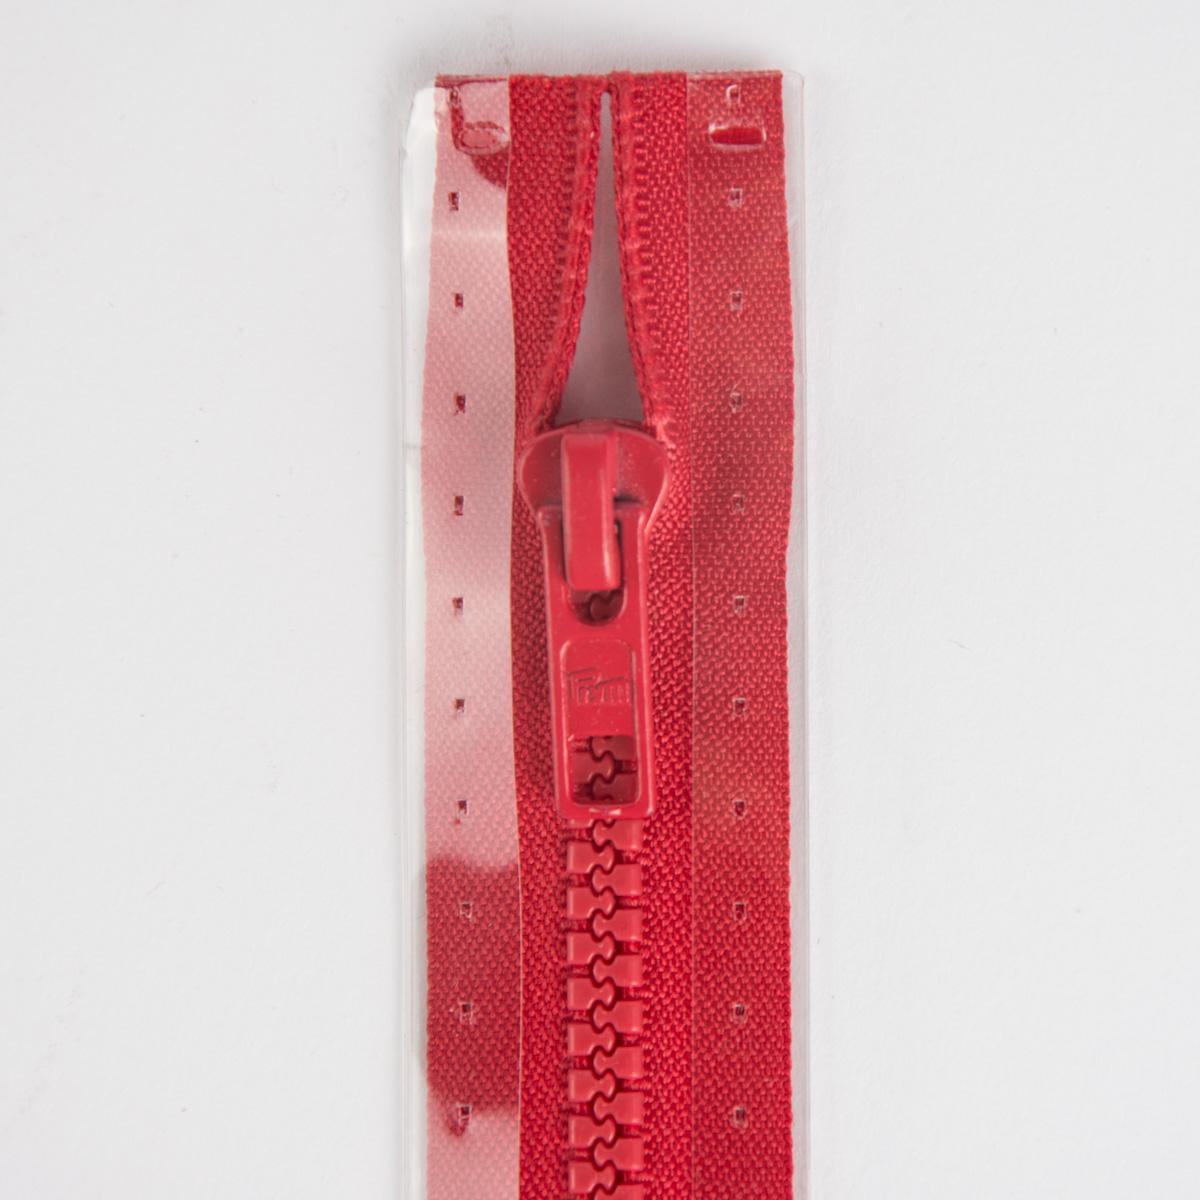 Reißverschluss S4 Profil tb 60 cm Fla rot